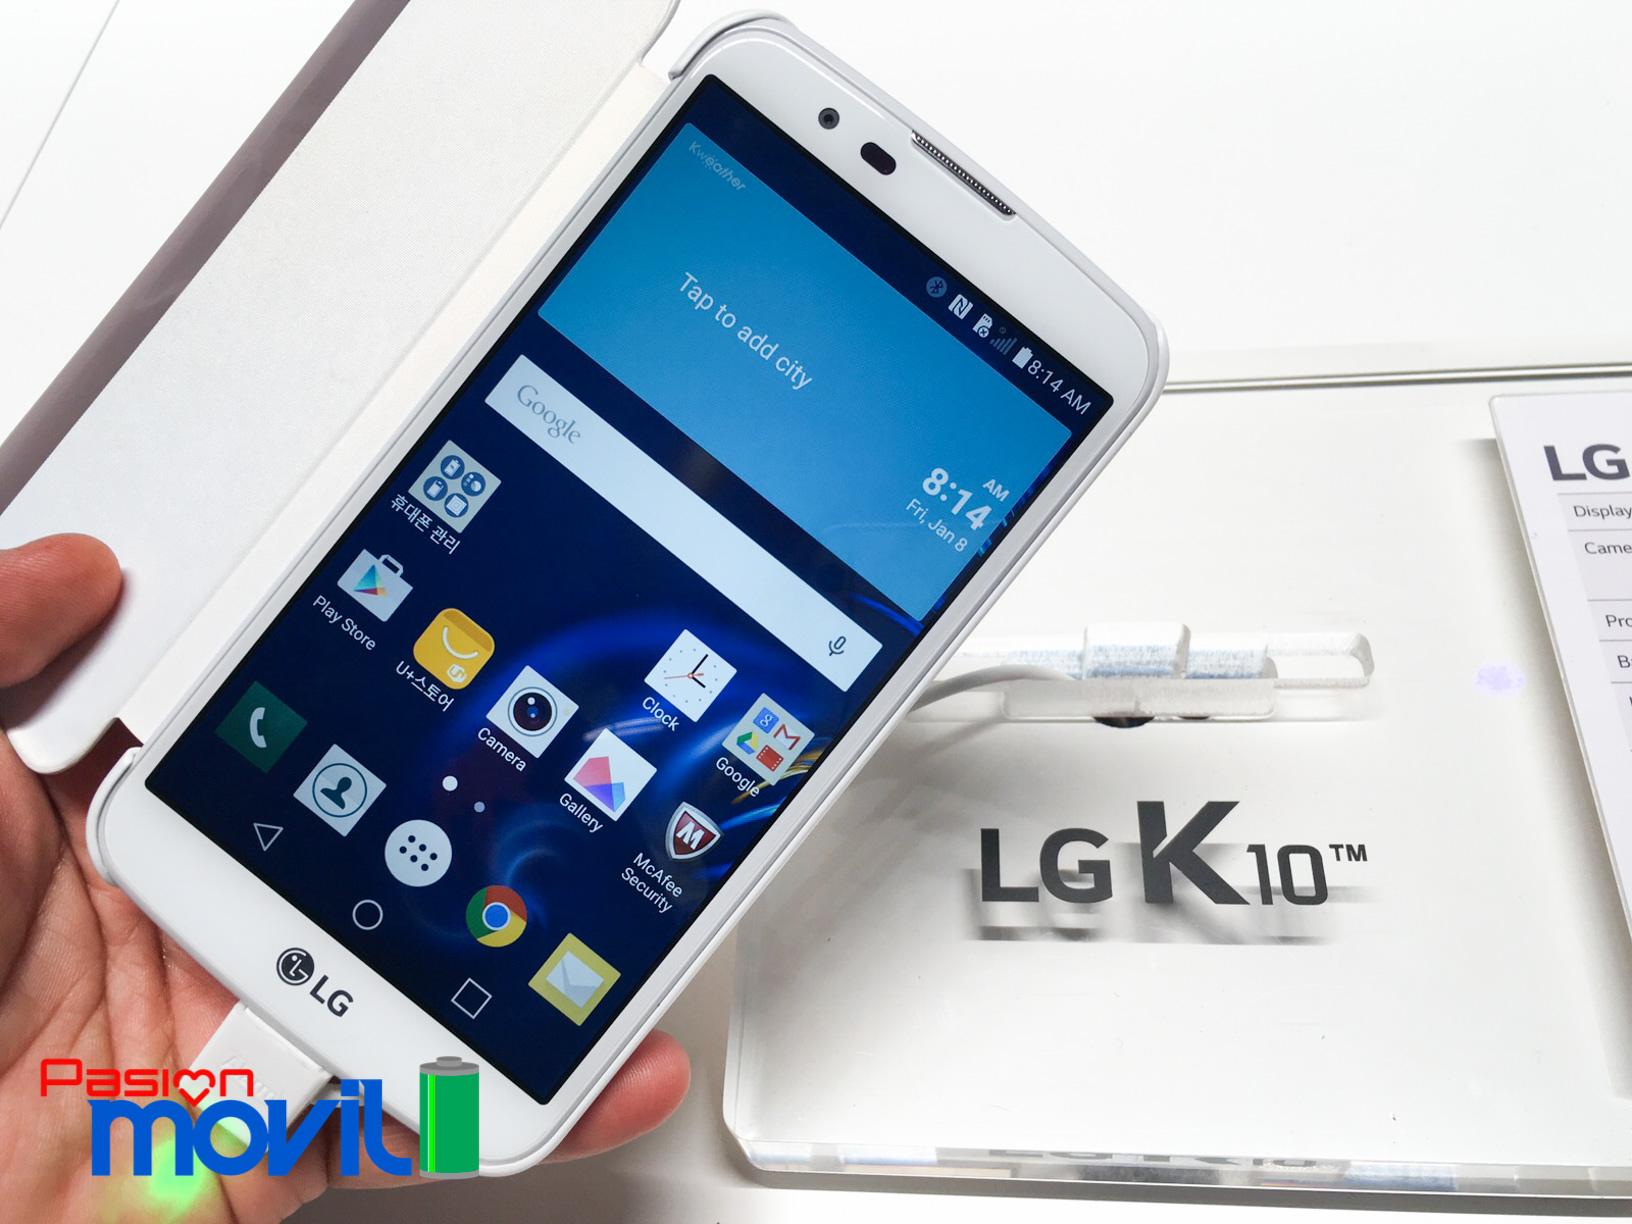 LG K10 CES 2016 8